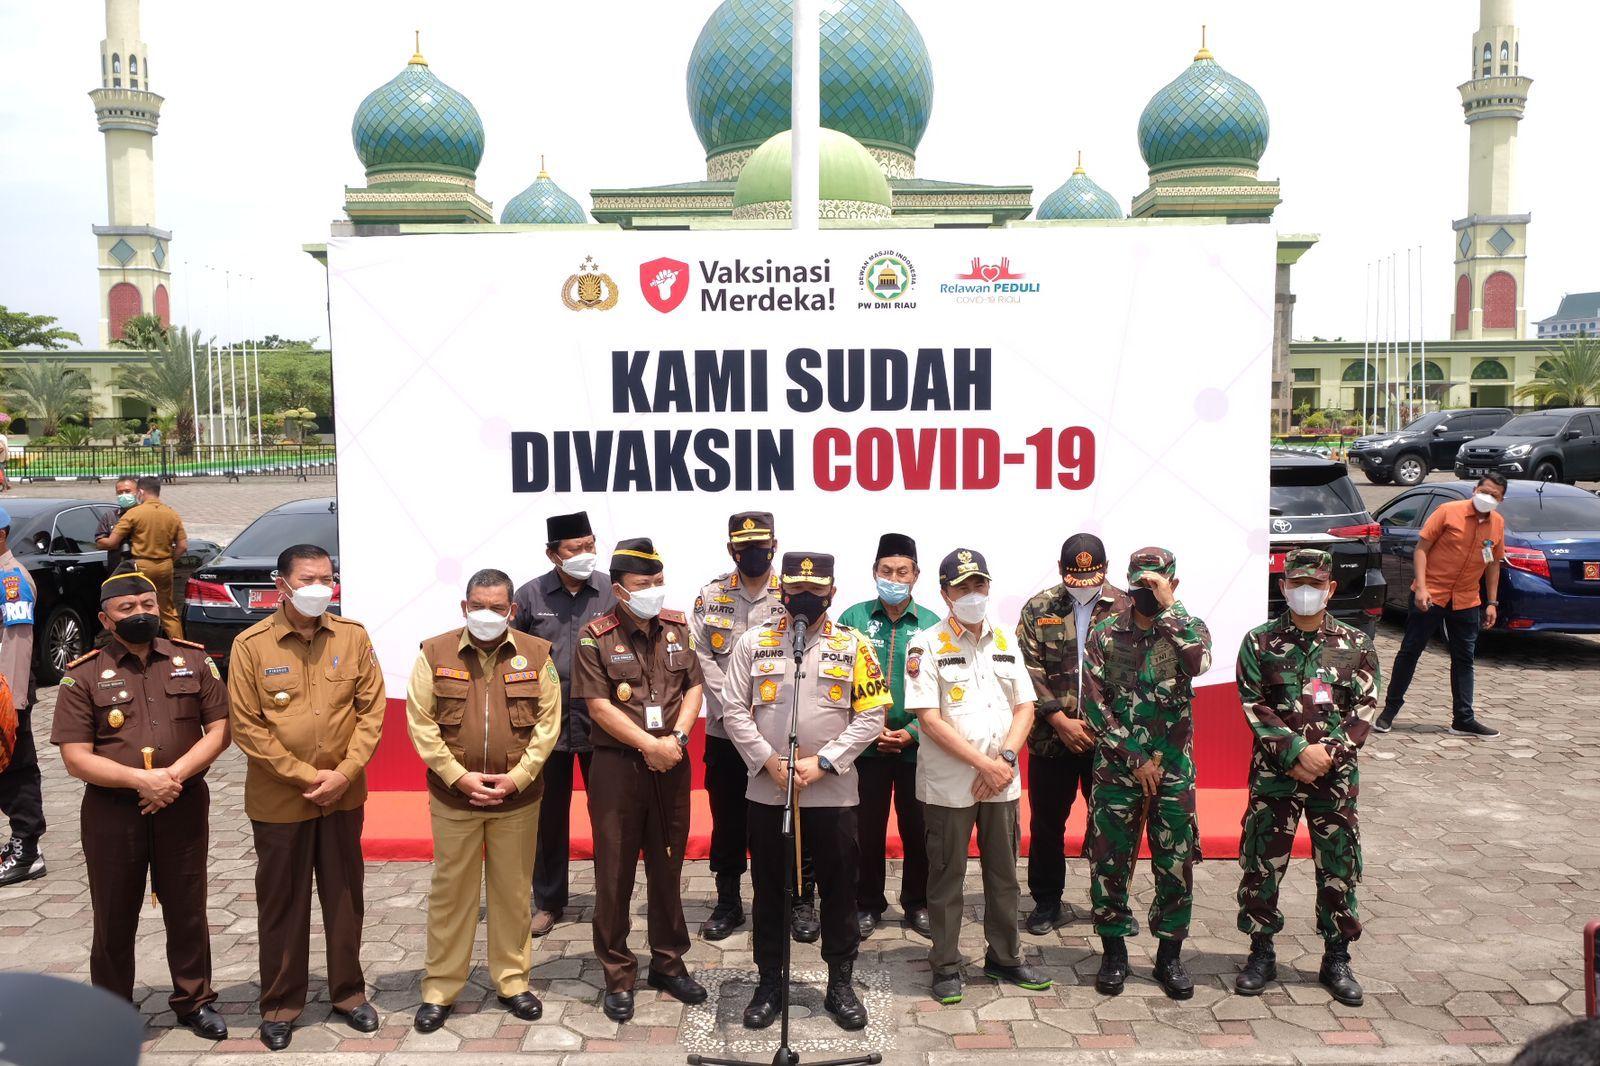 Foto saat Kapolda Riau lakukan vaksinasi masal di mesjid agung Pekanbaru.